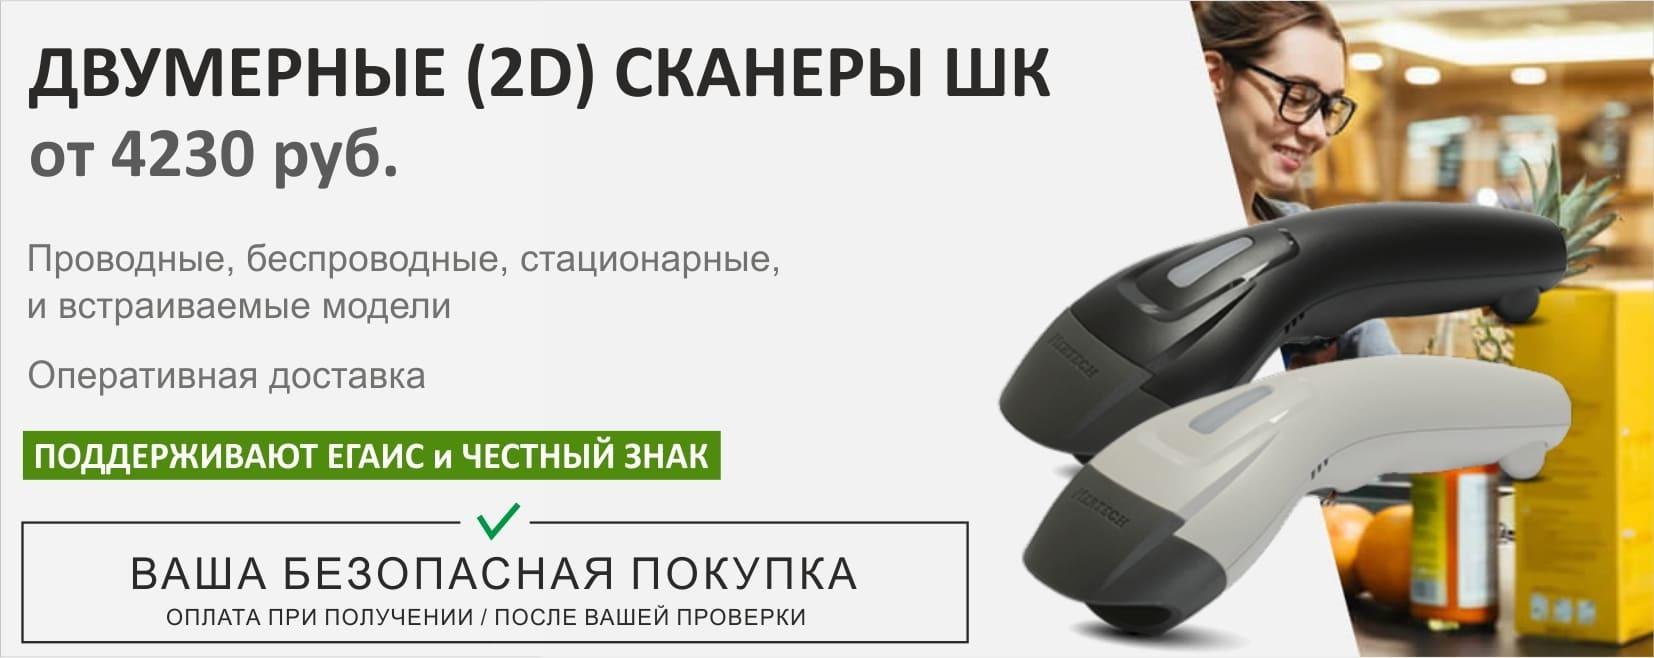 - Сканеры ШК двумерные 2D